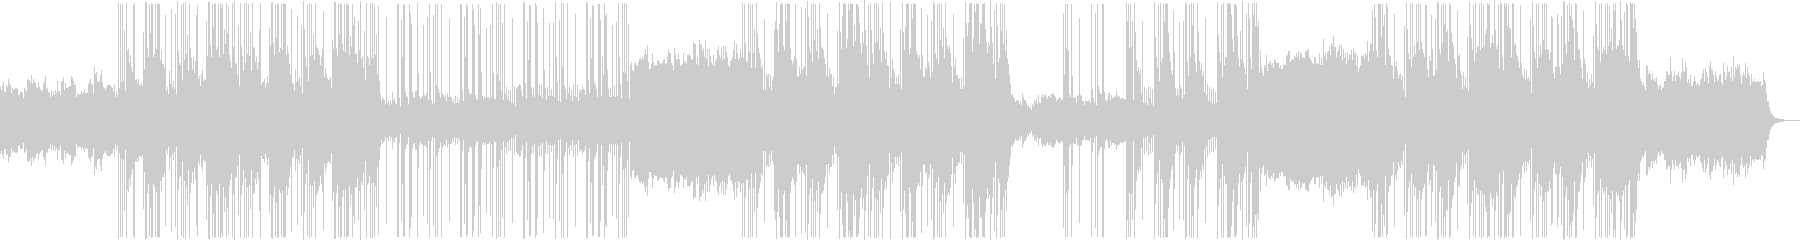 ダークでメロディックな洋楽トラップビートの未再生の波形